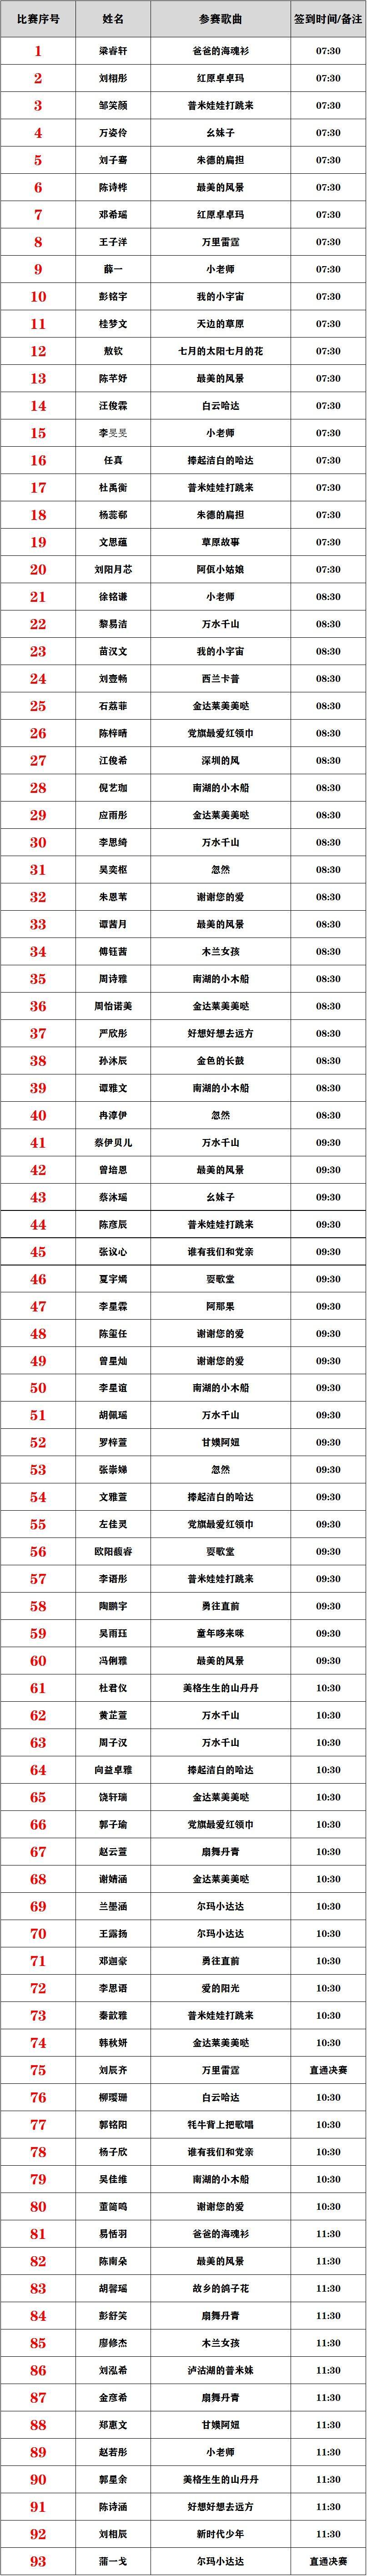 2021第17届快乐阳光全国少歌赛【重庆赛区】复赛比赛通知 第17张